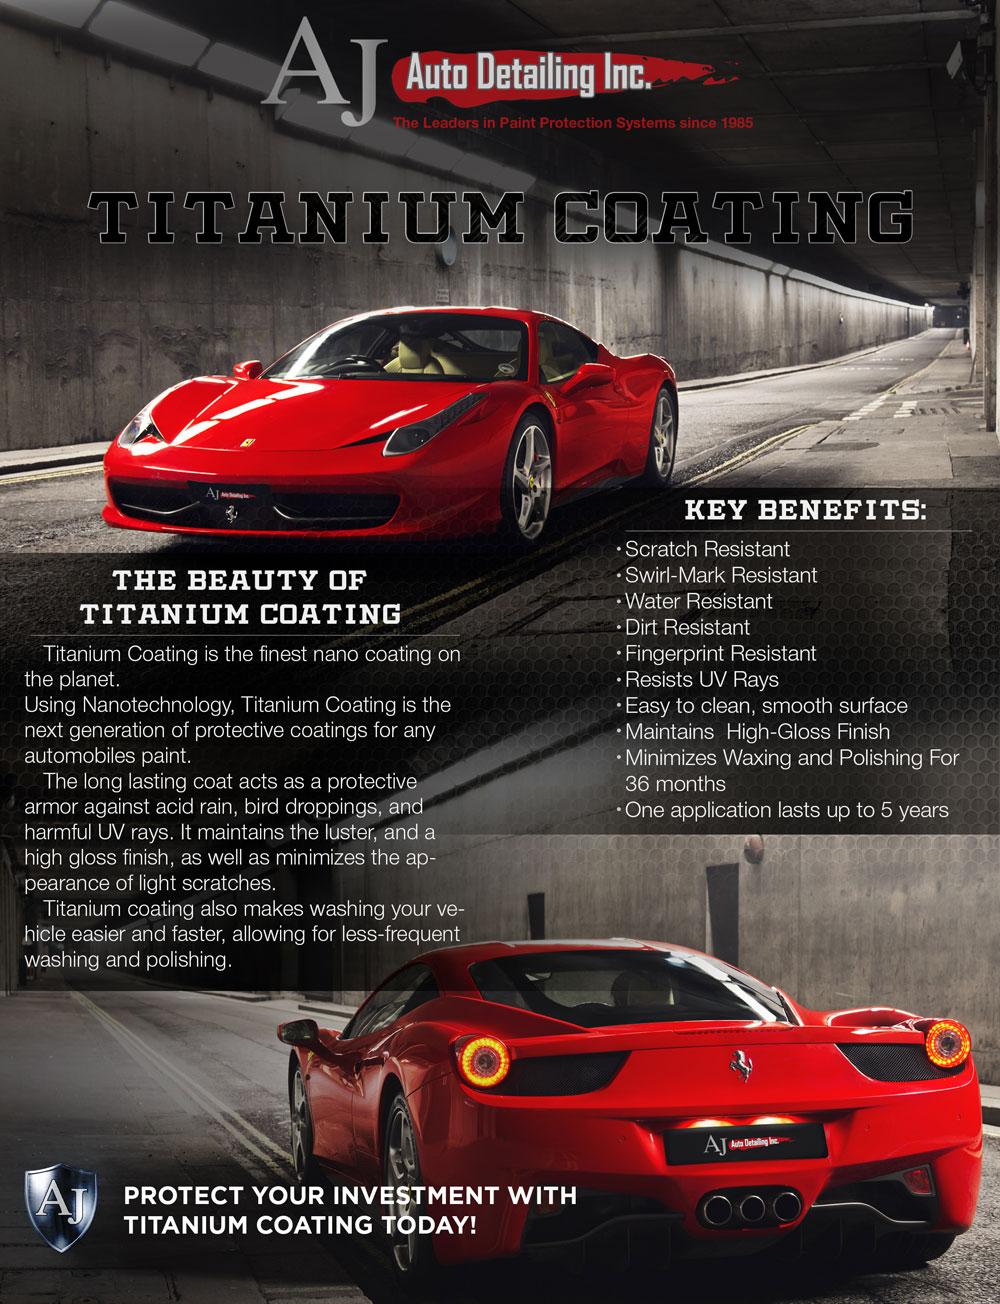 Titanium coating AJ AUTO